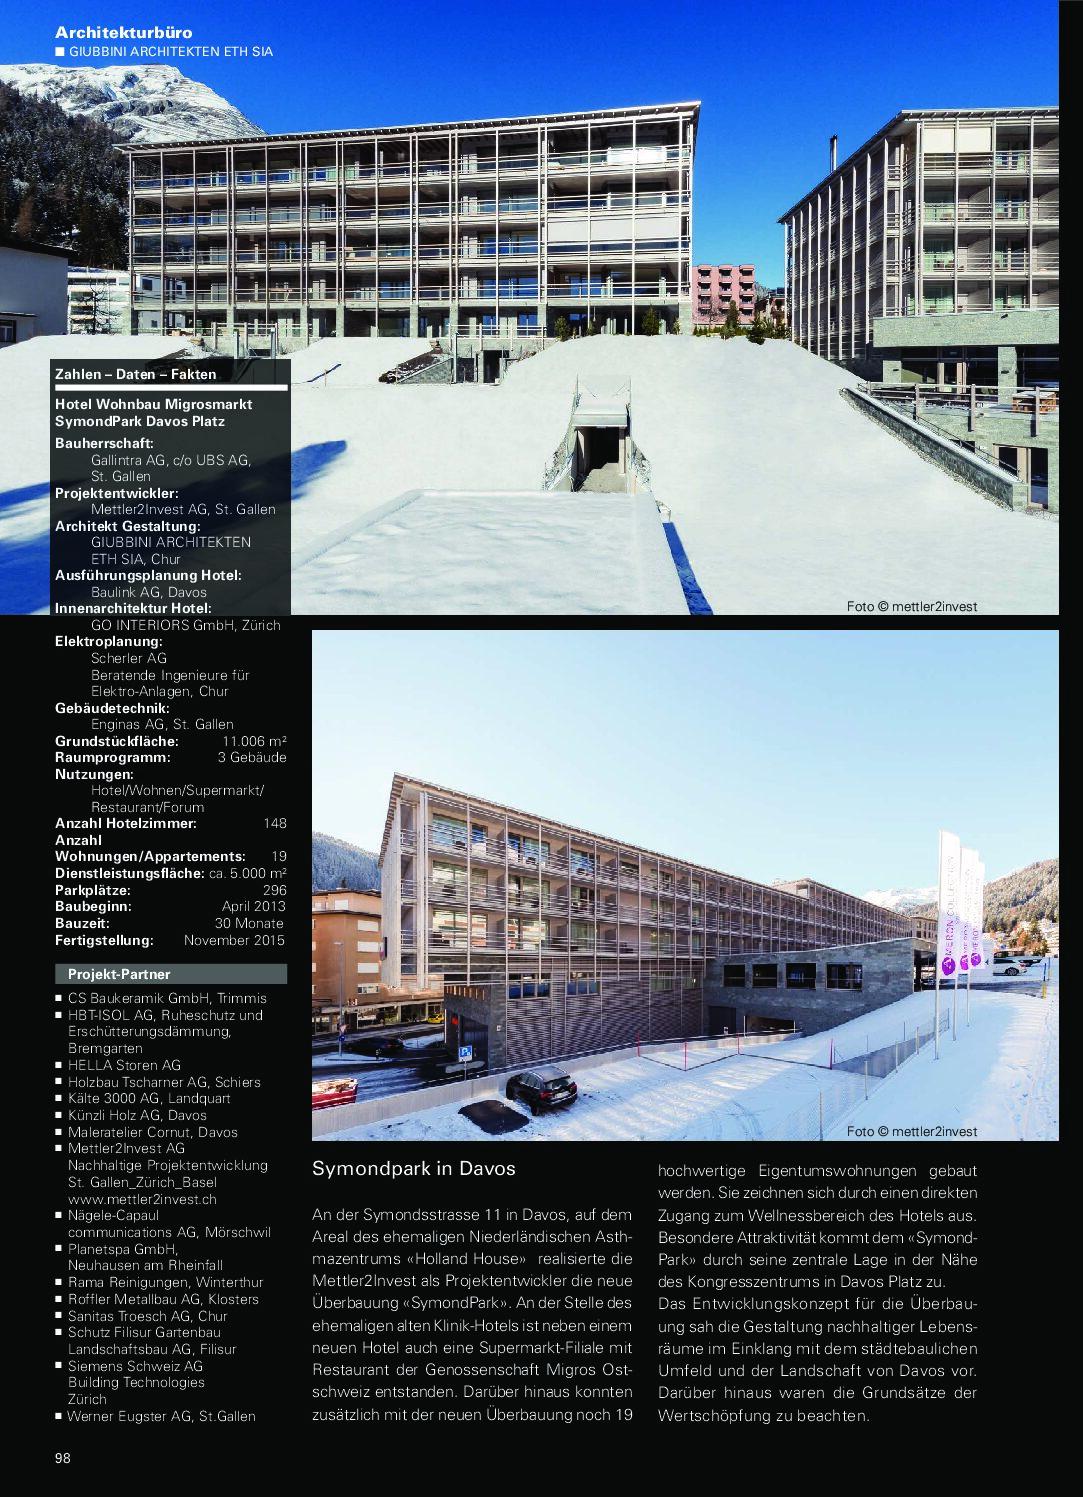 """Hotel Wohnbau Migrosmarkt SymondPark im """"architektur zürich ostschweiz"""", 2016/17"""